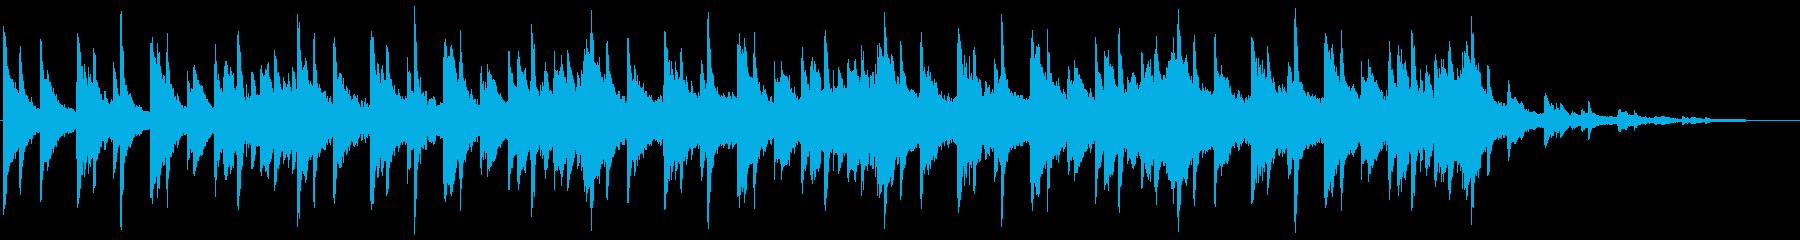 星空をイメージさせるBGMの再生済みの波形